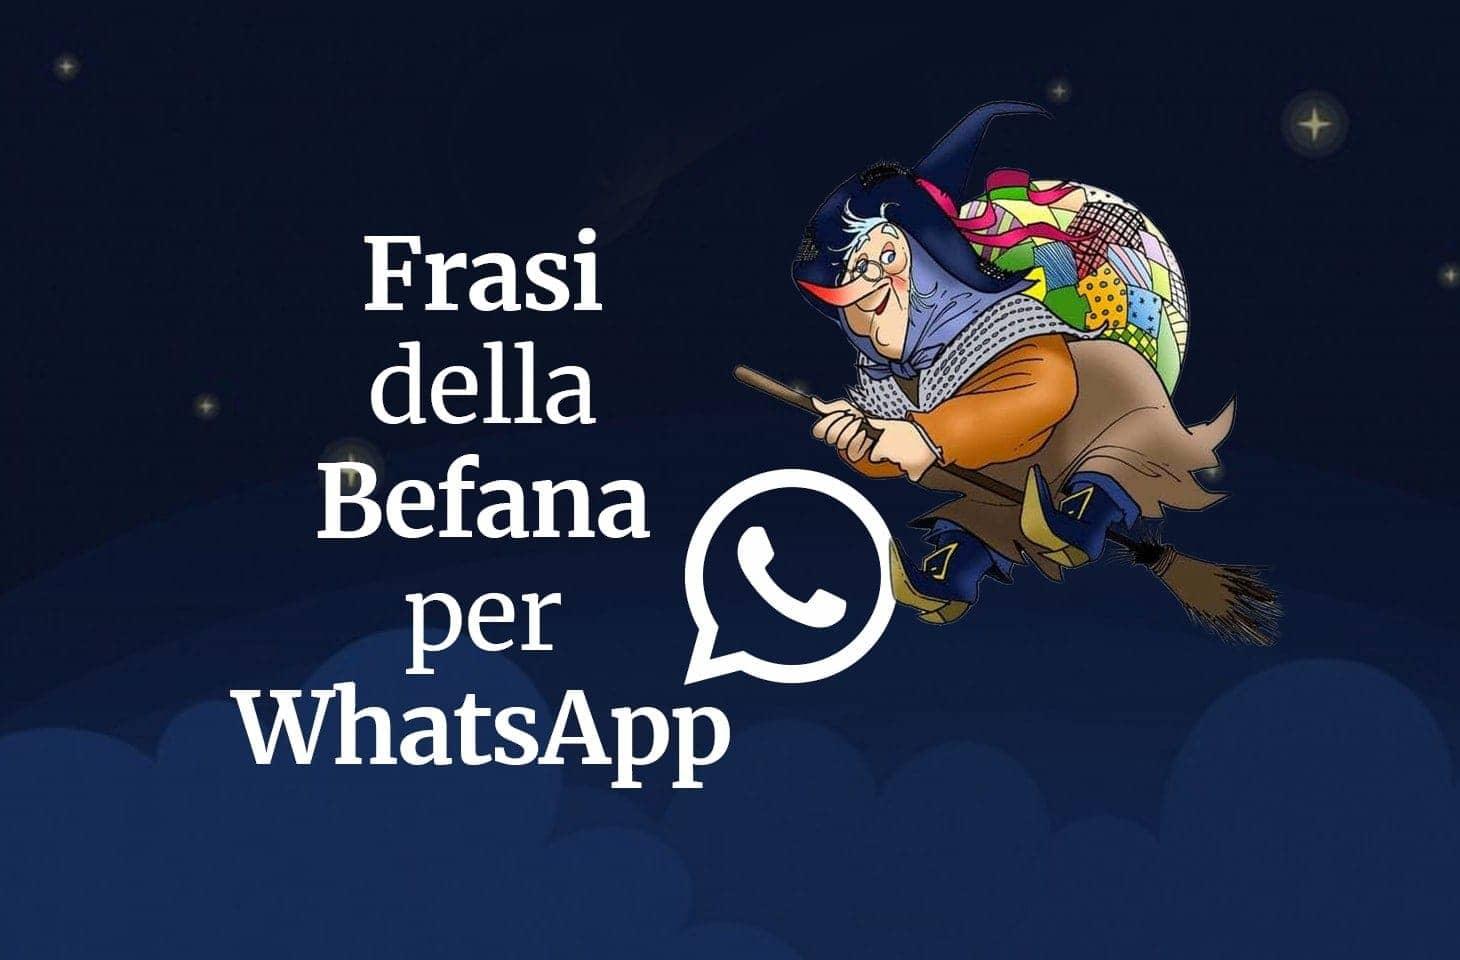 Frasi Divertenti Per La Befana Da Inviare Su Whatsapp Il Club